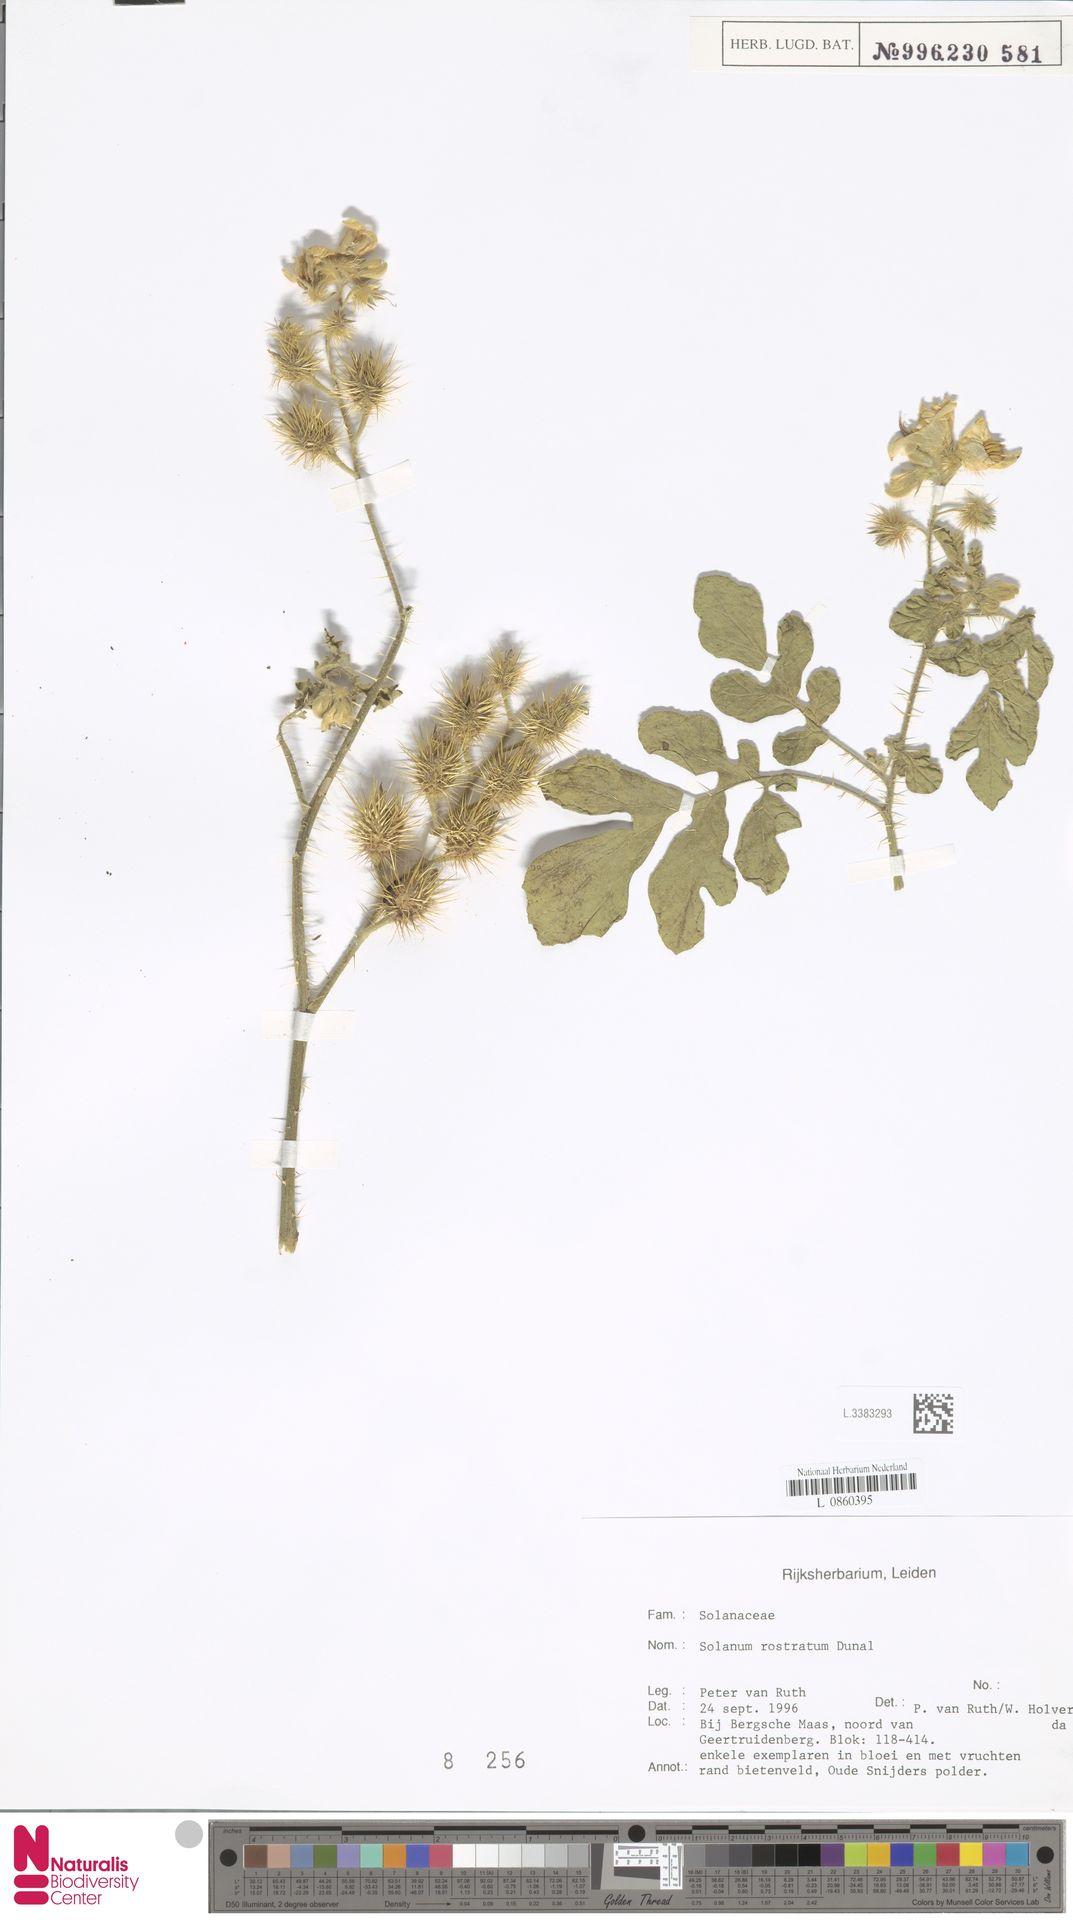 L.3383293 | Solanum rostratum Dunal